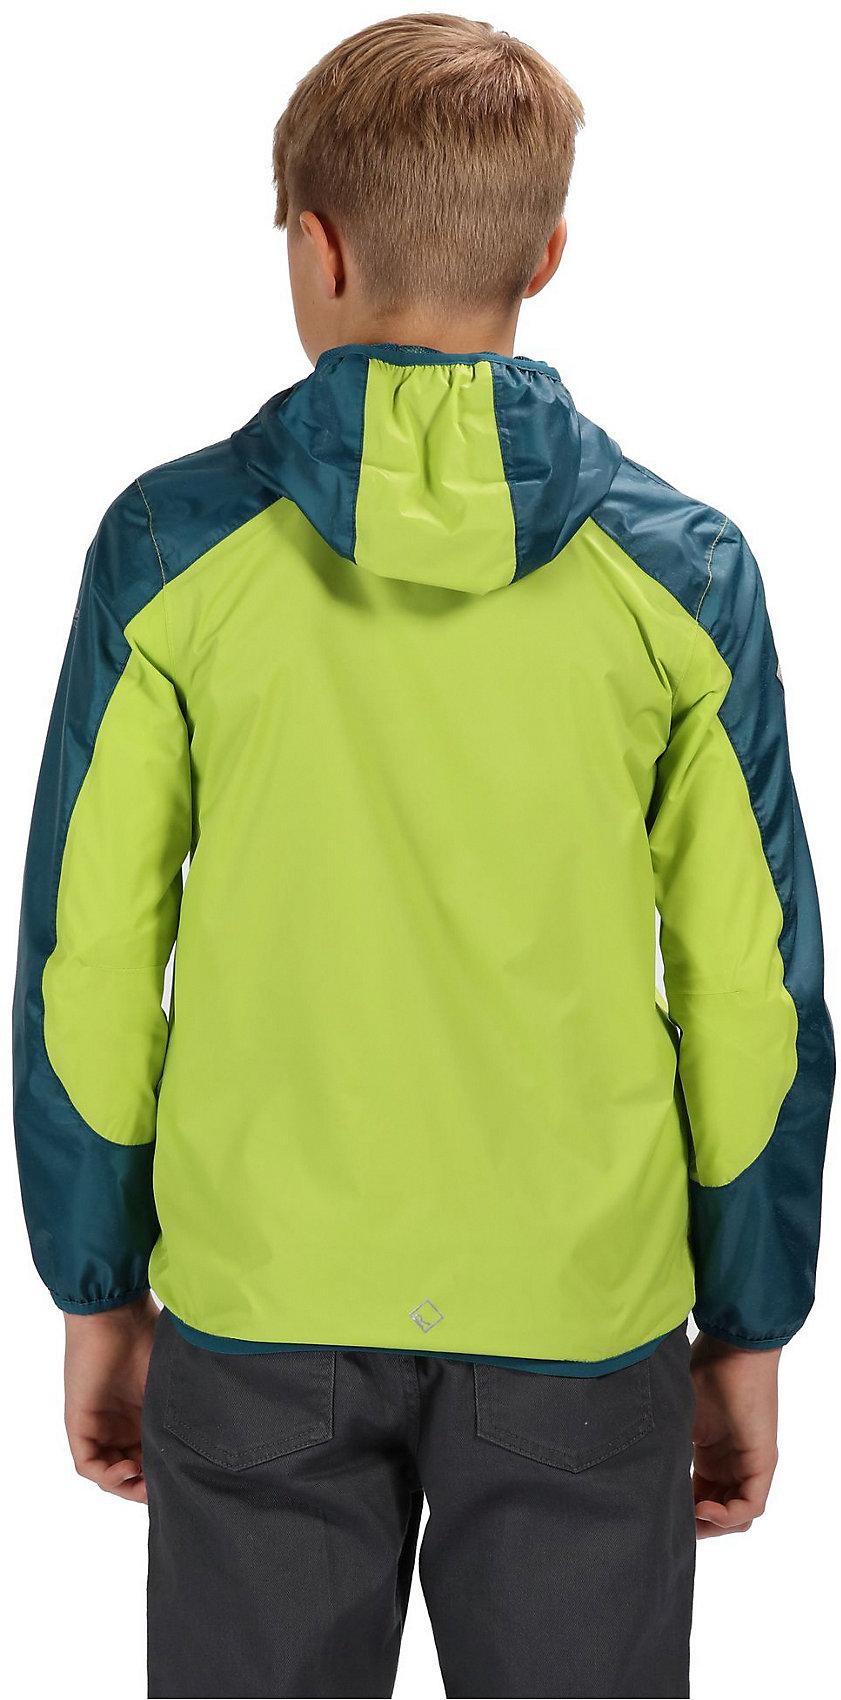 sports shoes e2f59 4ece2 Details zu Neu Regatta Kinder Regenjacke TEEGA 10197920 für Jungen und  Mädchen